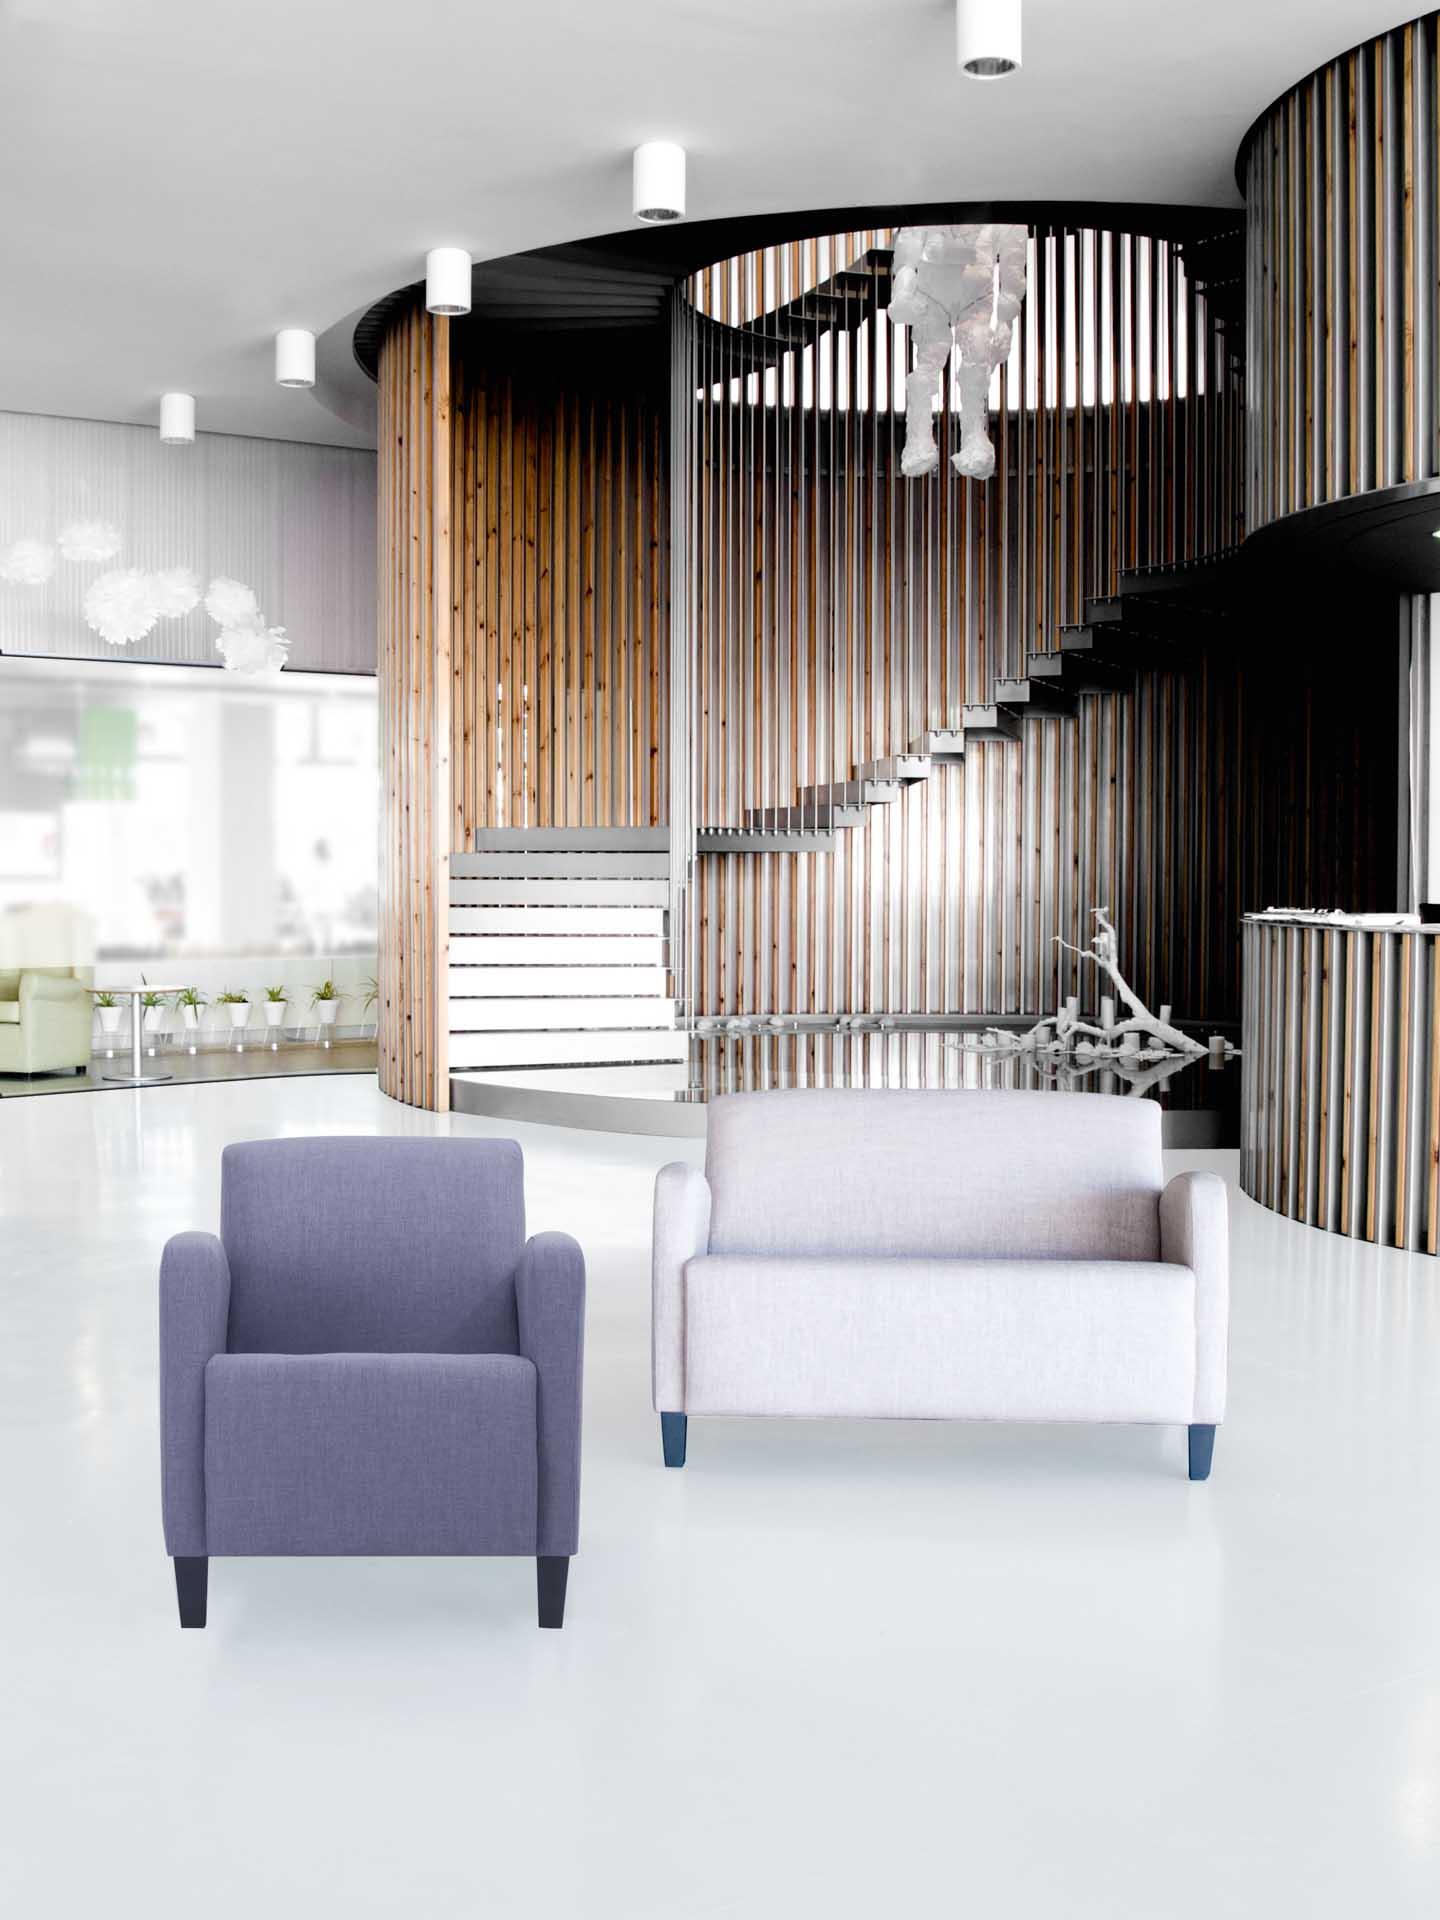 Butacas y sofás para salas de espera, descanso o hall de residencias